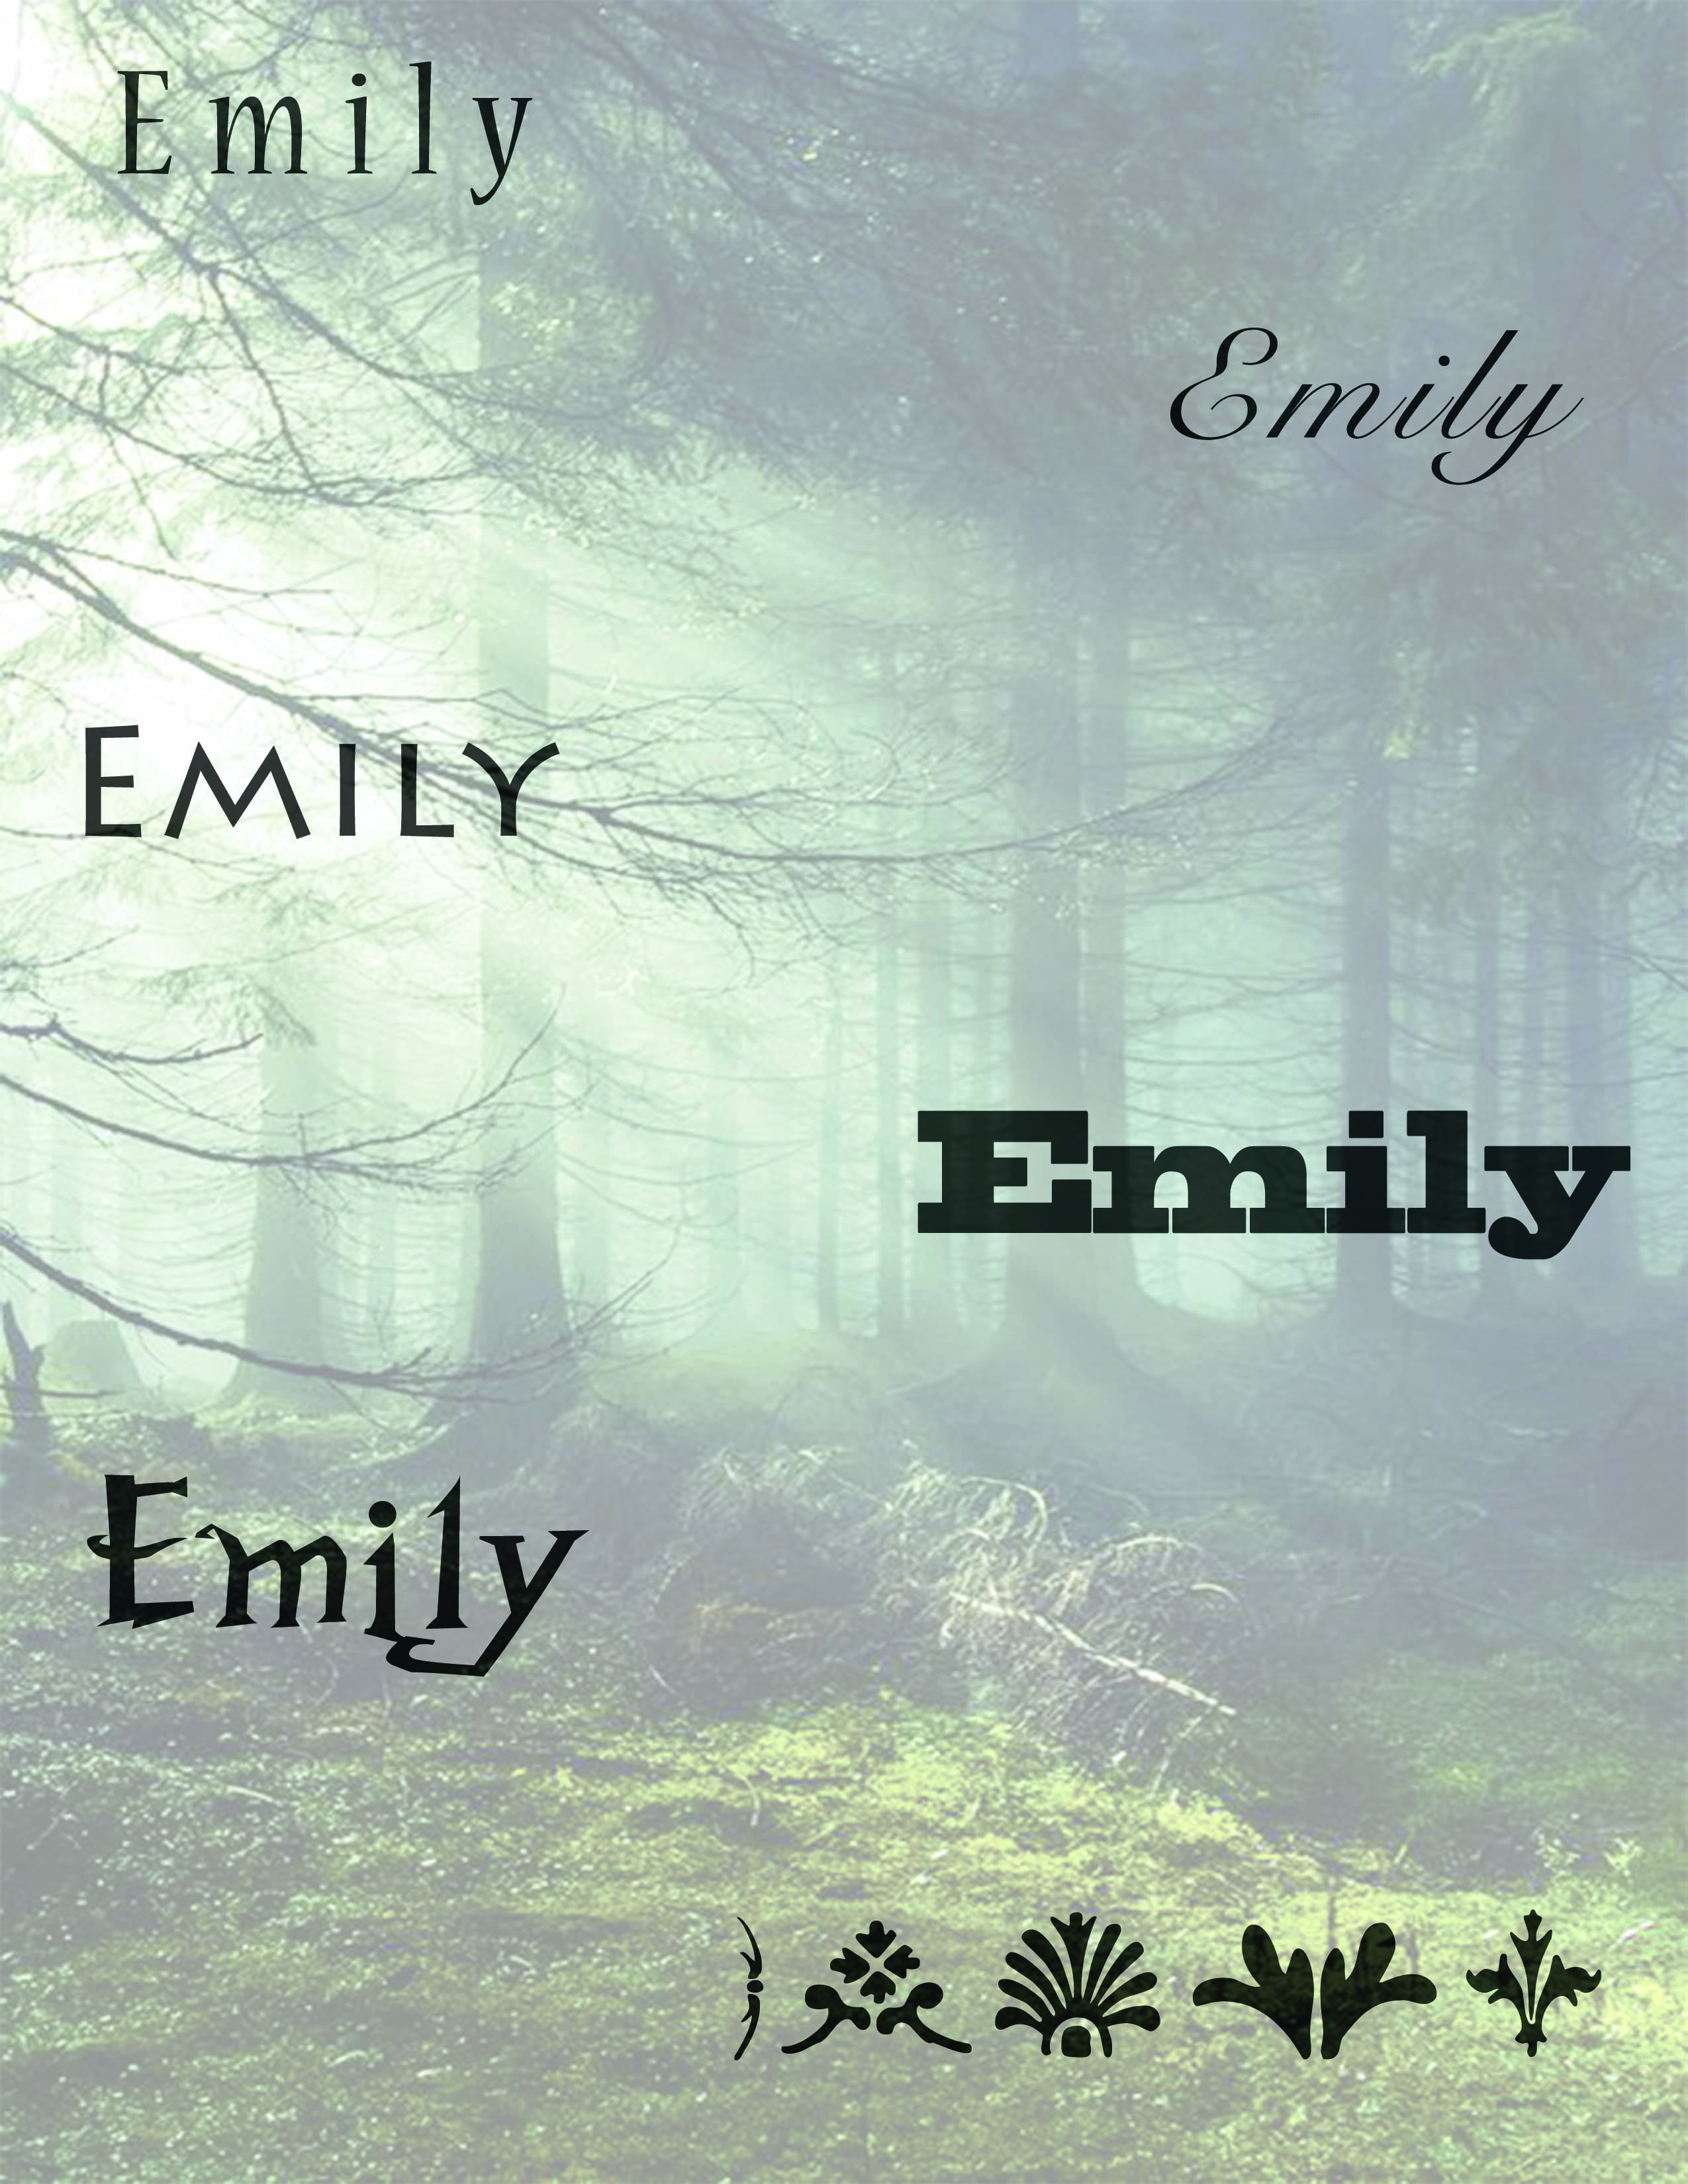 emily_name